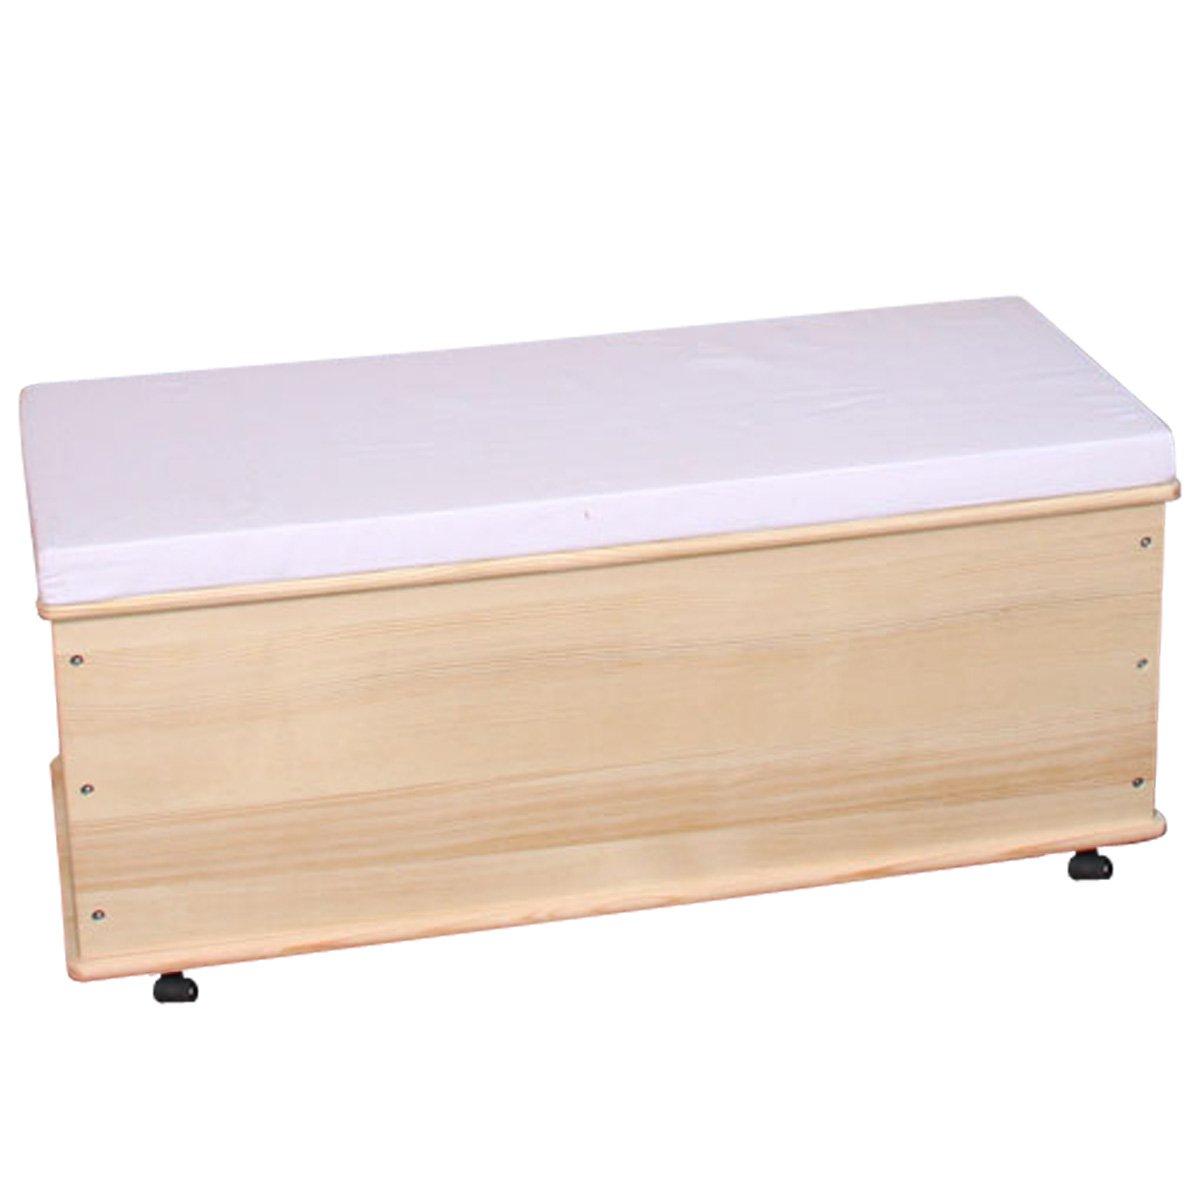 Ba l para almacenaje en madera natural 91 cm cesta o - Banco baul madera ...